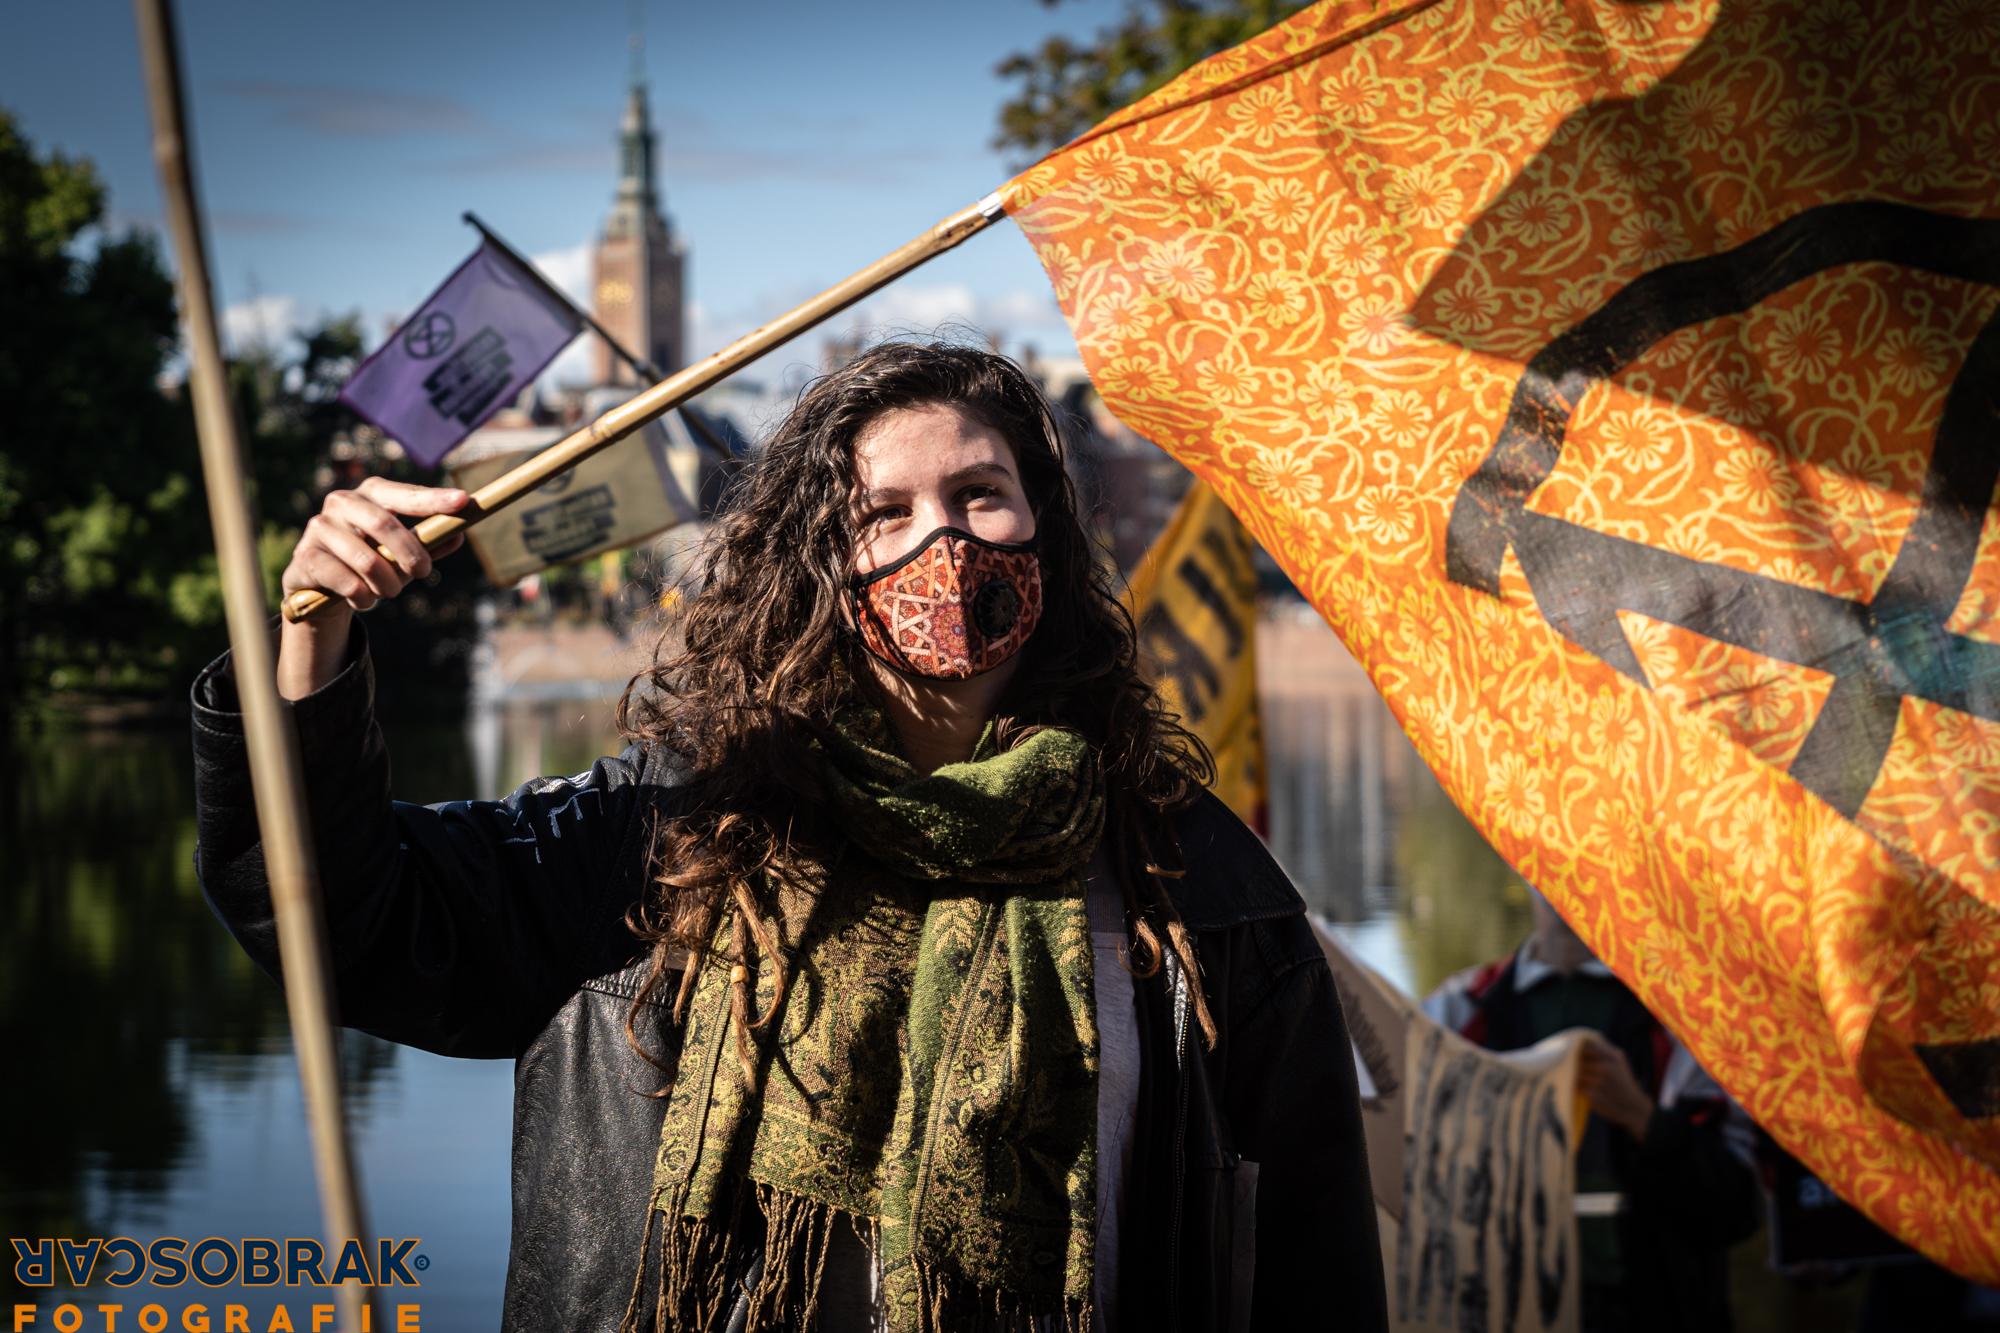 extinction rebellion den haag septemberrebellie oscar brak fotografie